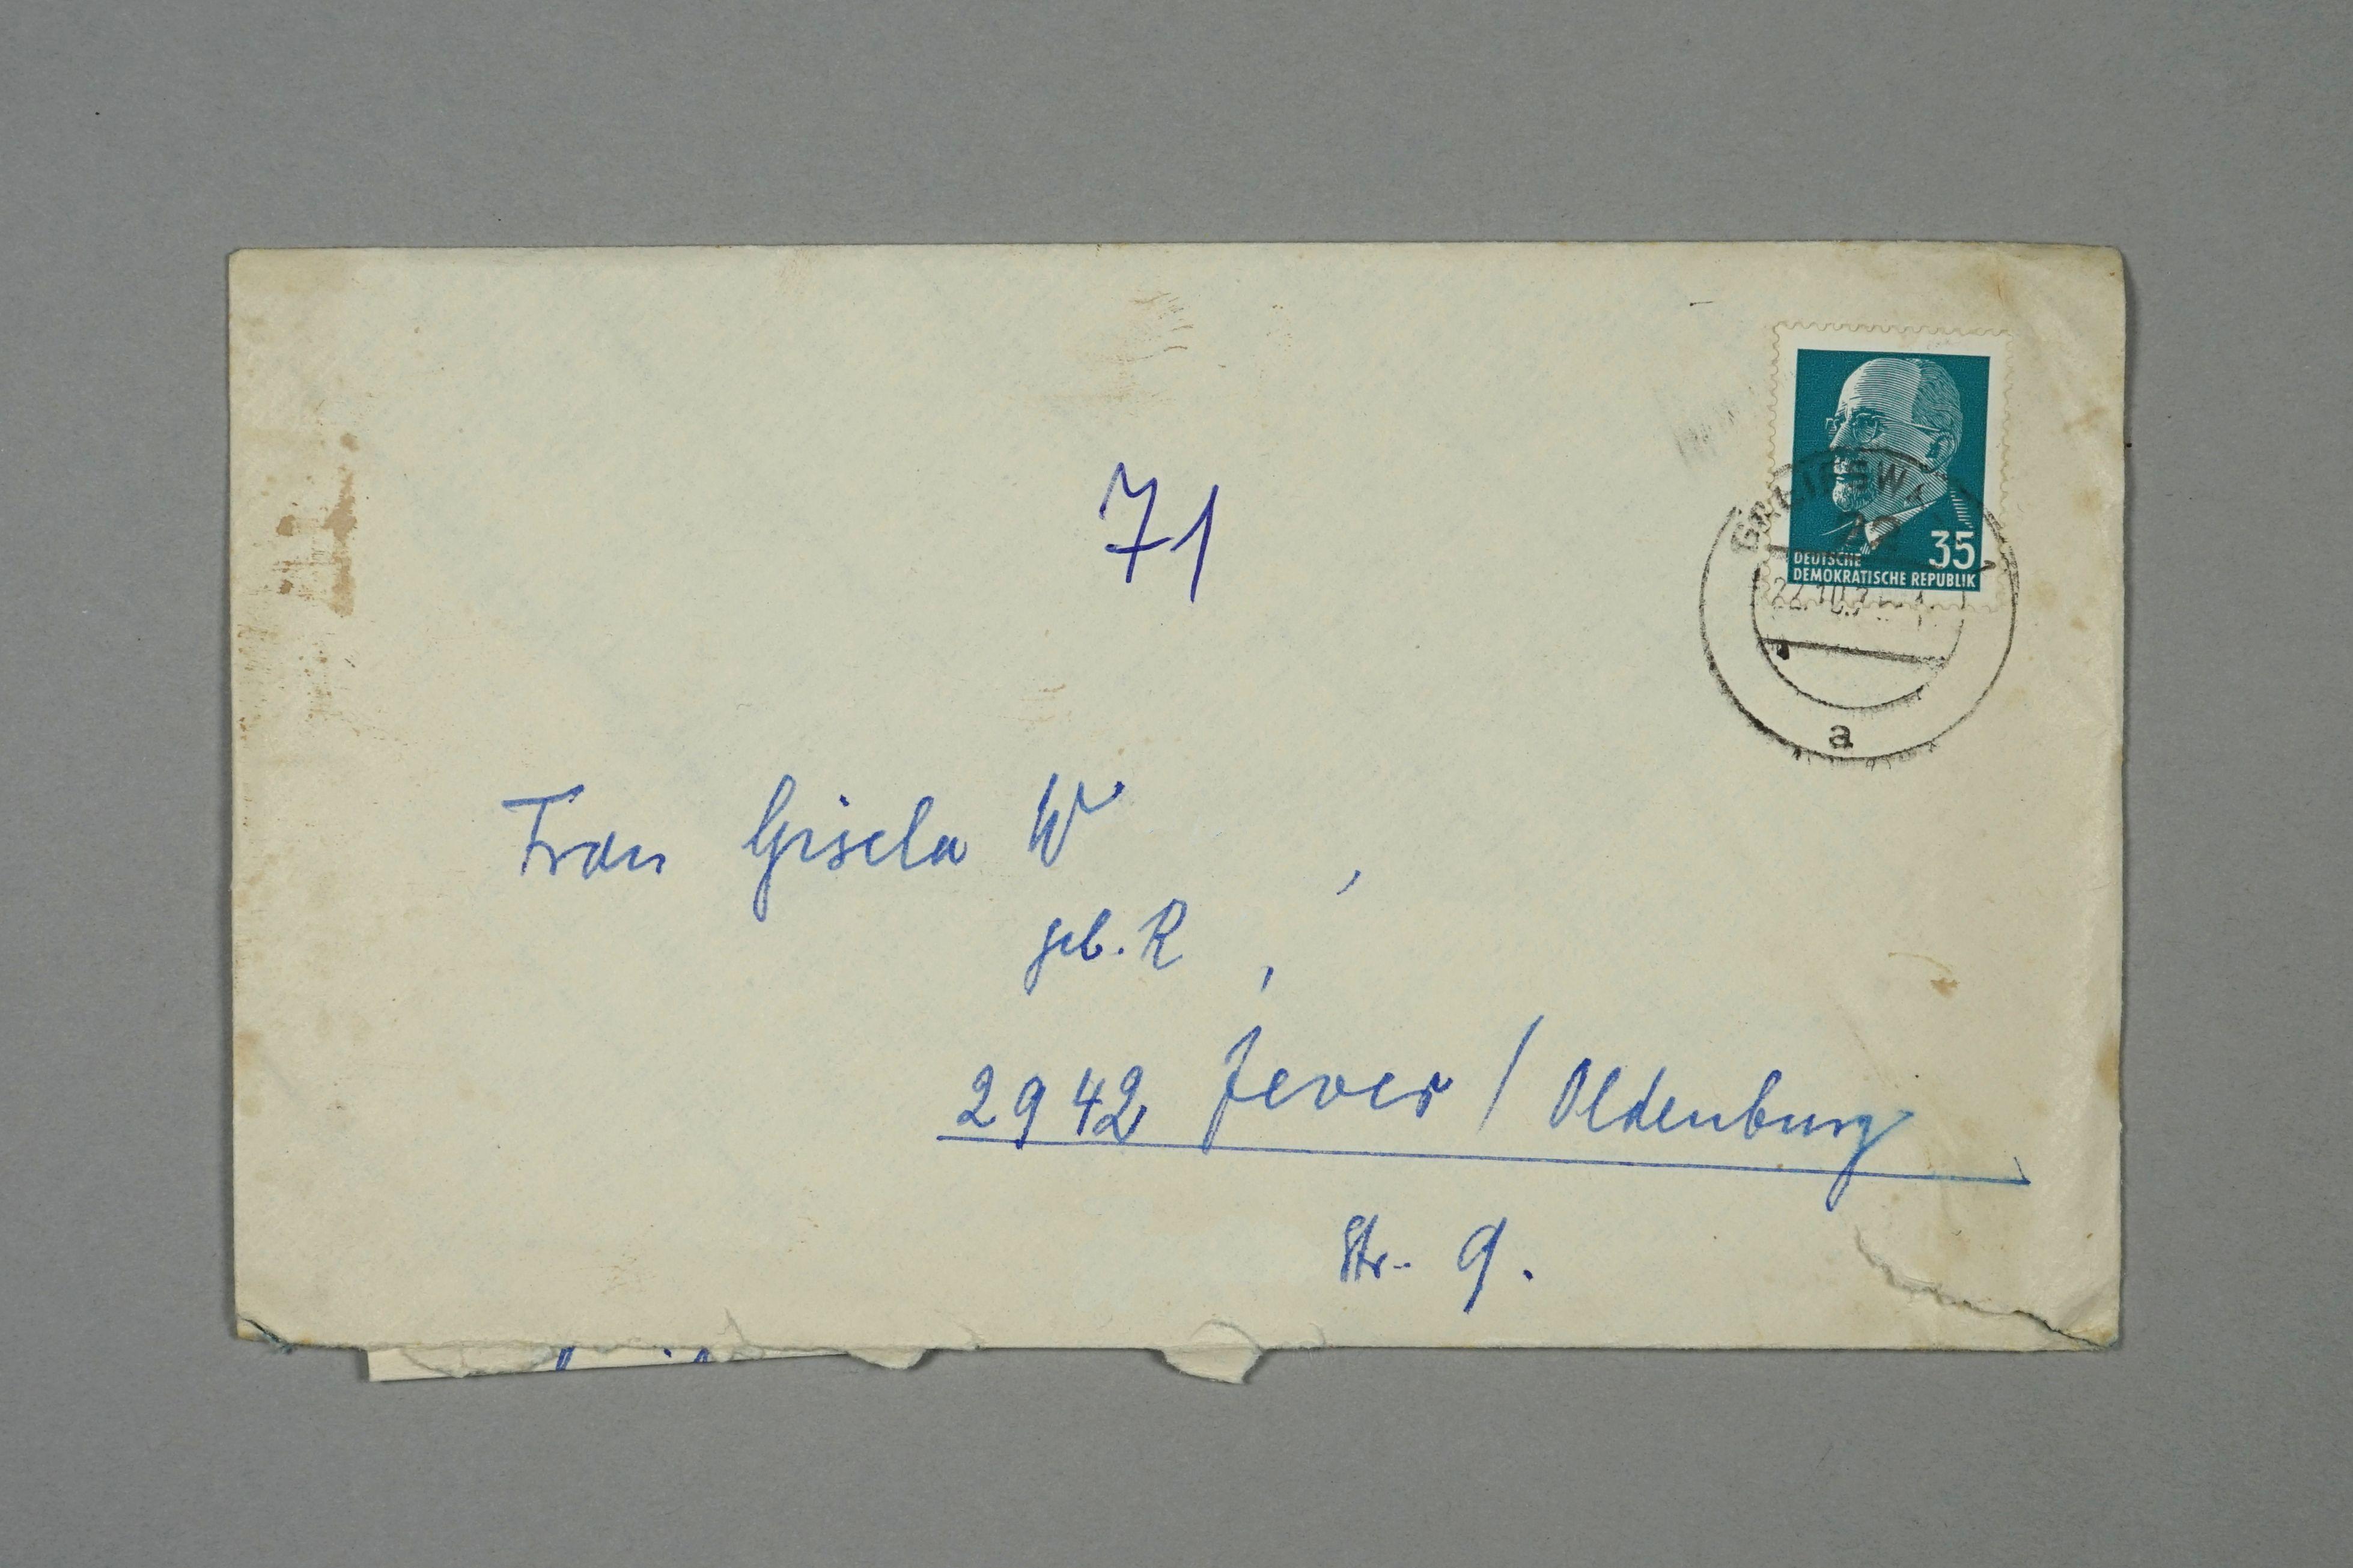 Umschlag, von Greifswald nach Jever/ Friesland, Deutsch-deutscher Briefwechsel, 1971